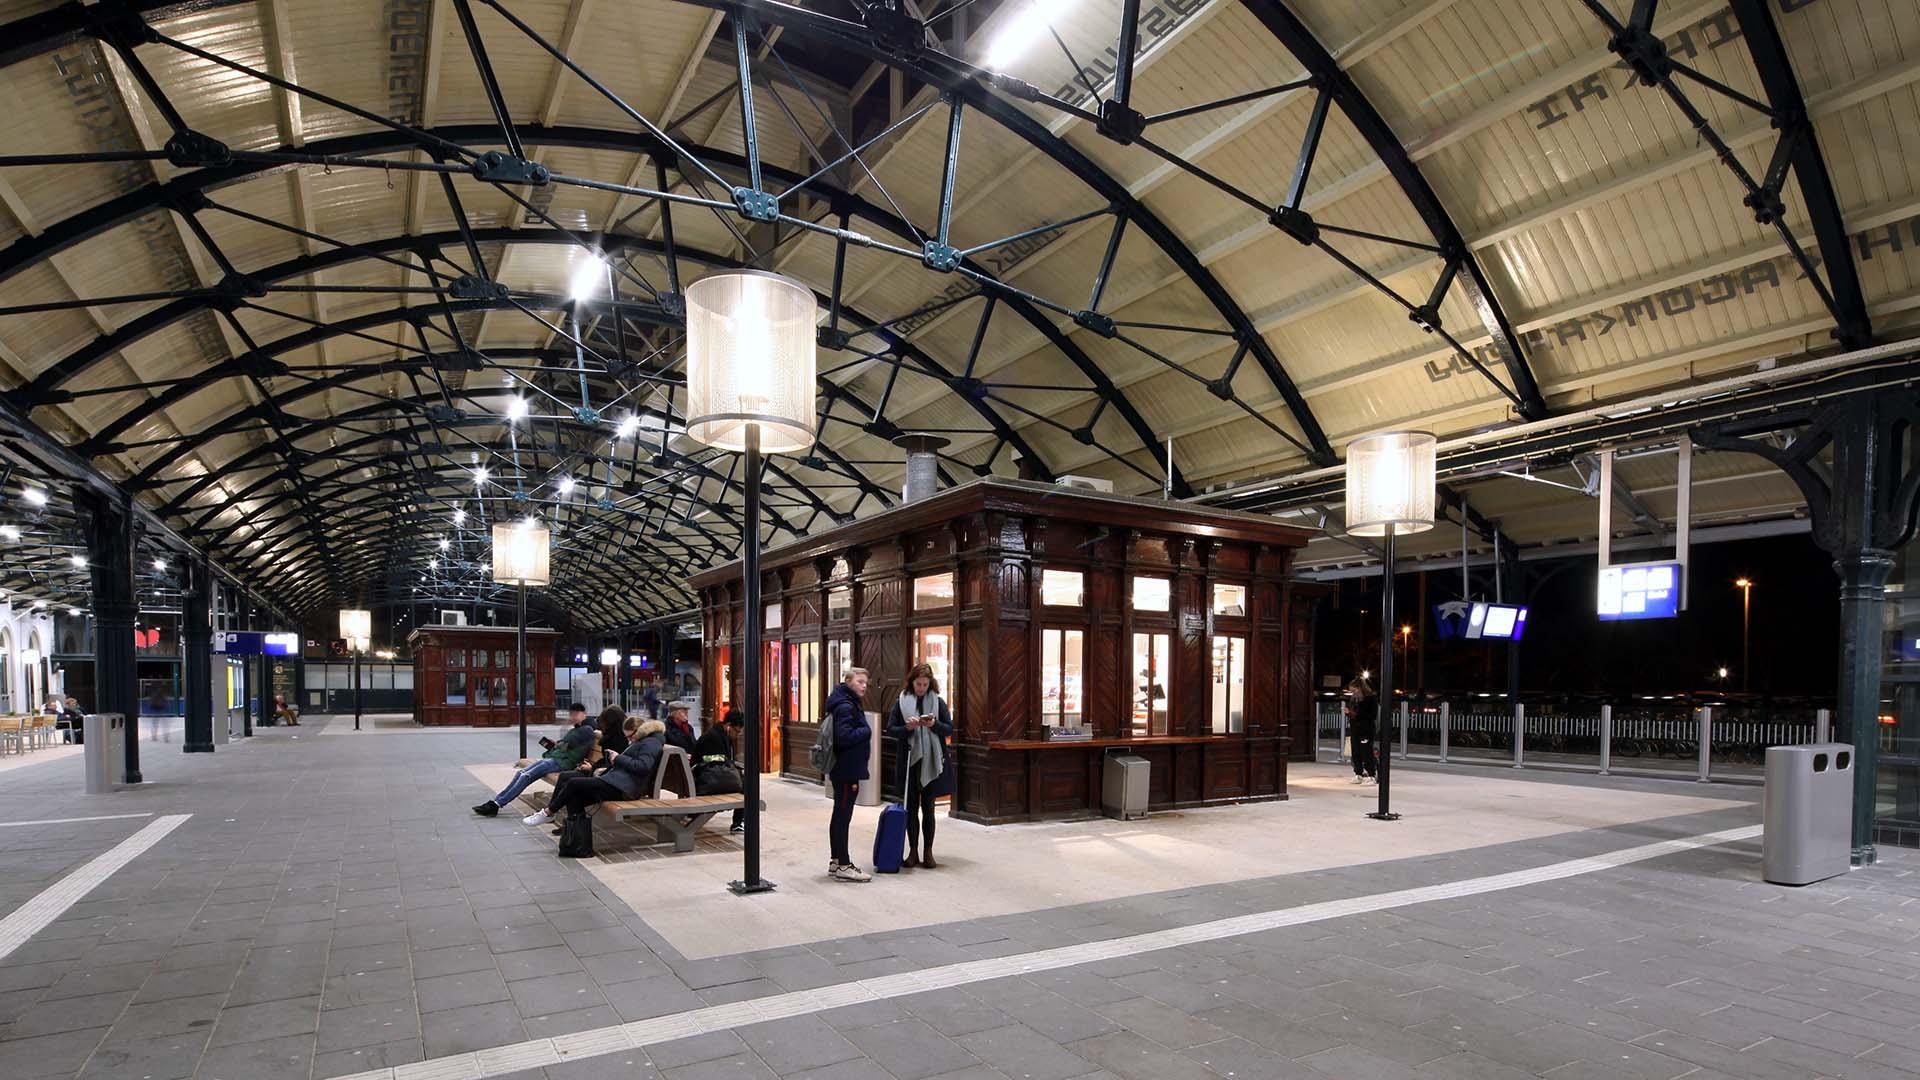 Lampenkap op station Leeuwarden - ipv Delft creatieve ingenieurs